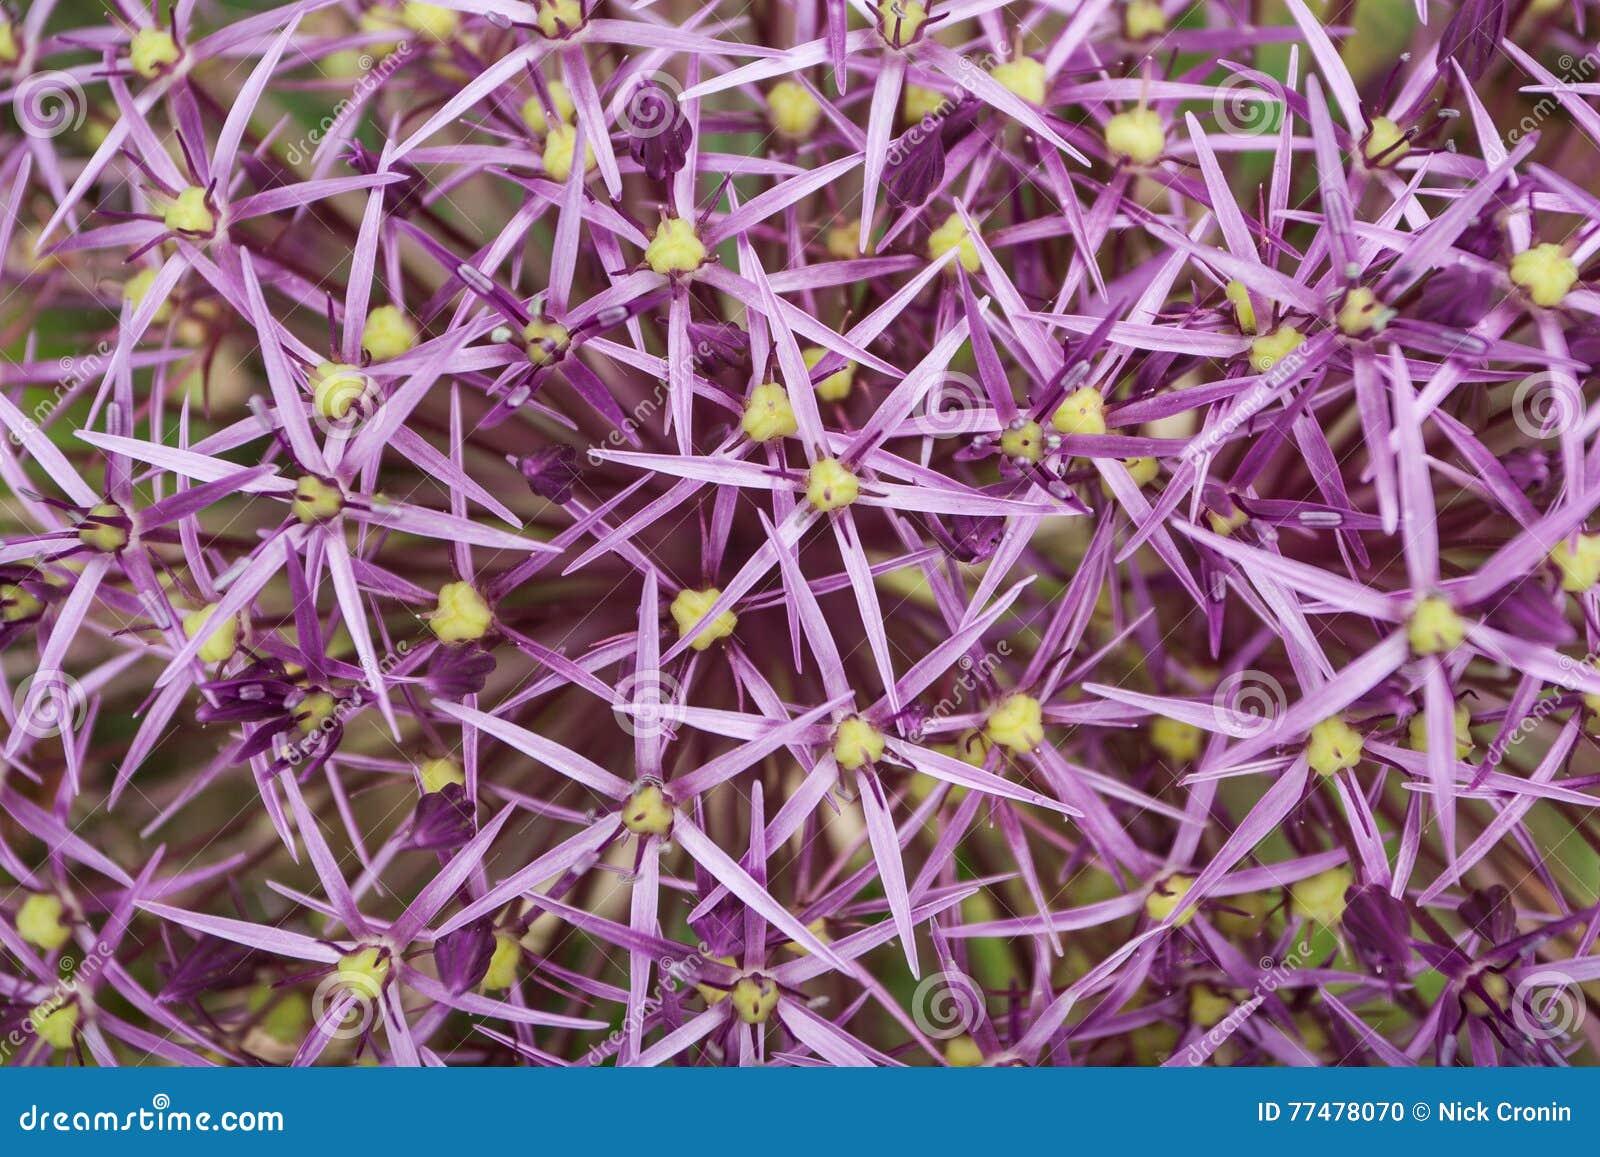 Plant Life 92 Stock Photo Image Of Tiny Allium Shaped 77478070